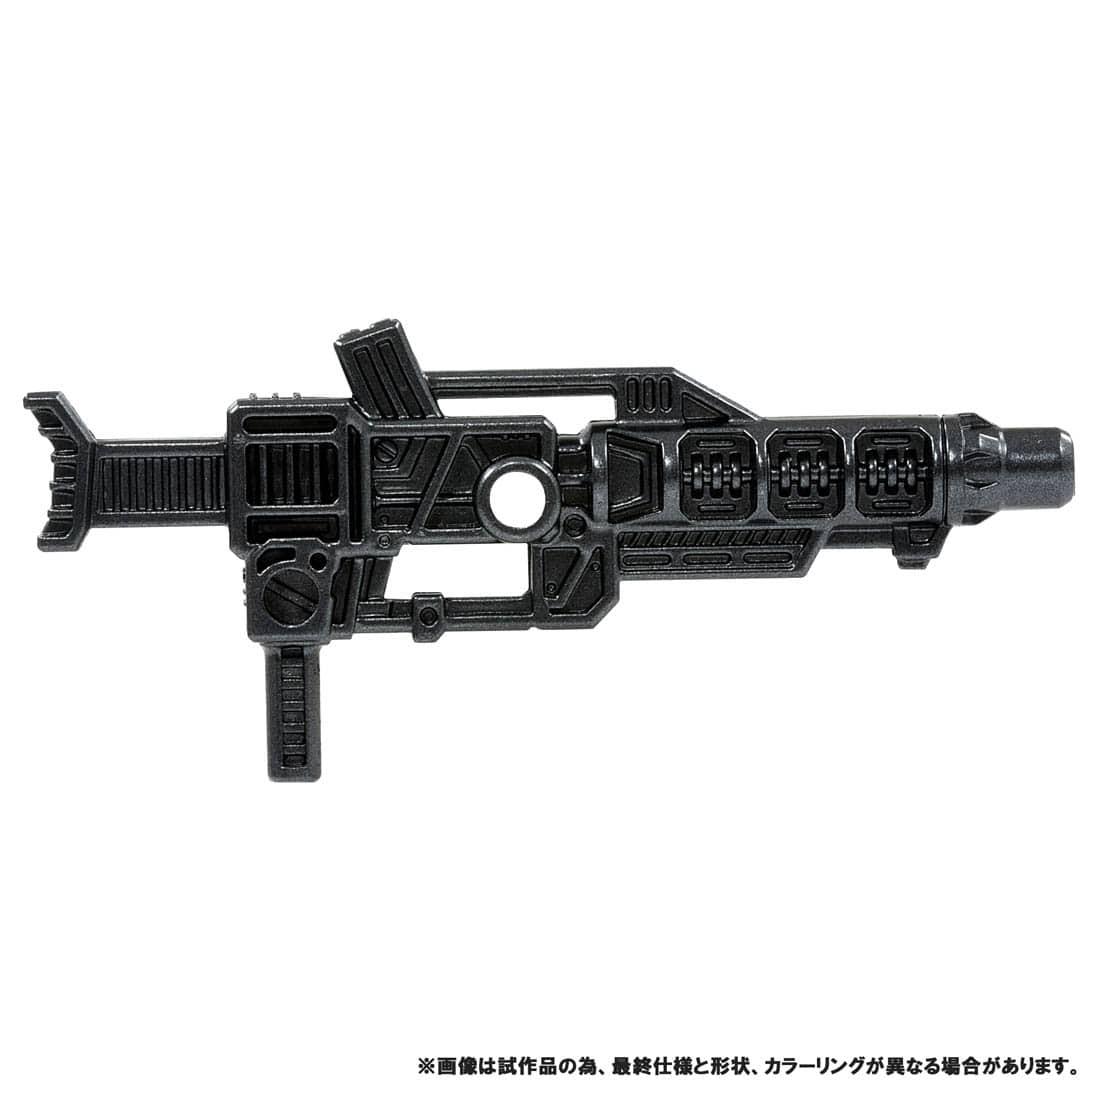 トランスフォーマー『反重力台座テンセグベース オプティマスプライム セット』可変可動フィギュア-006